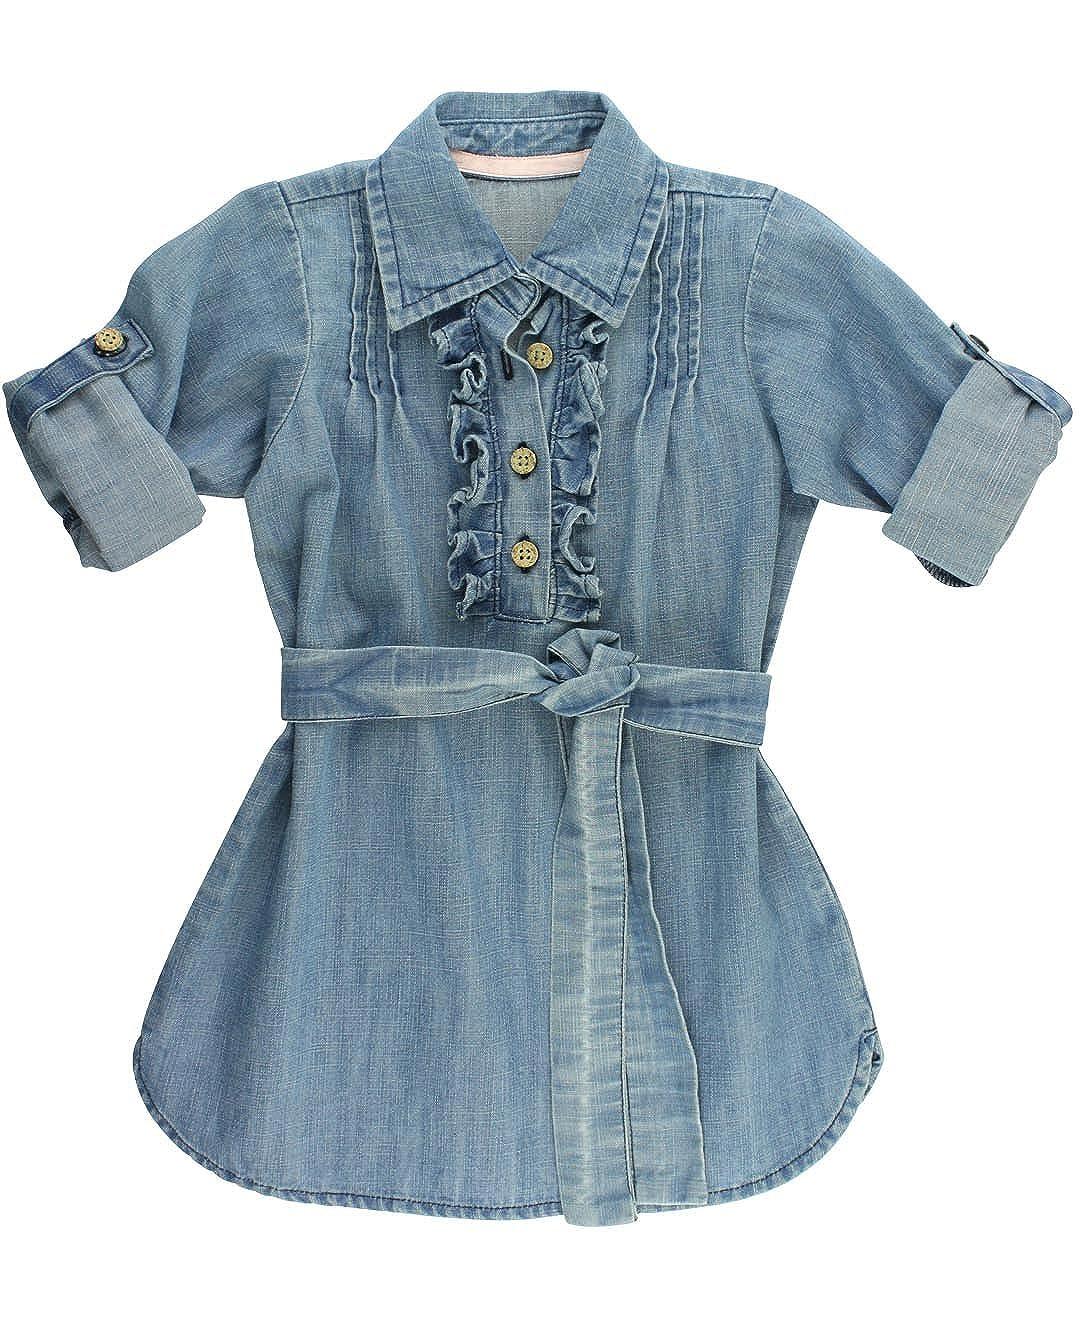 e30cdc6cd69 Amazon.com  RuffleButts Girls Light Wash Denim Shirt Dress w Ruffles - 7  Blue  Clothing